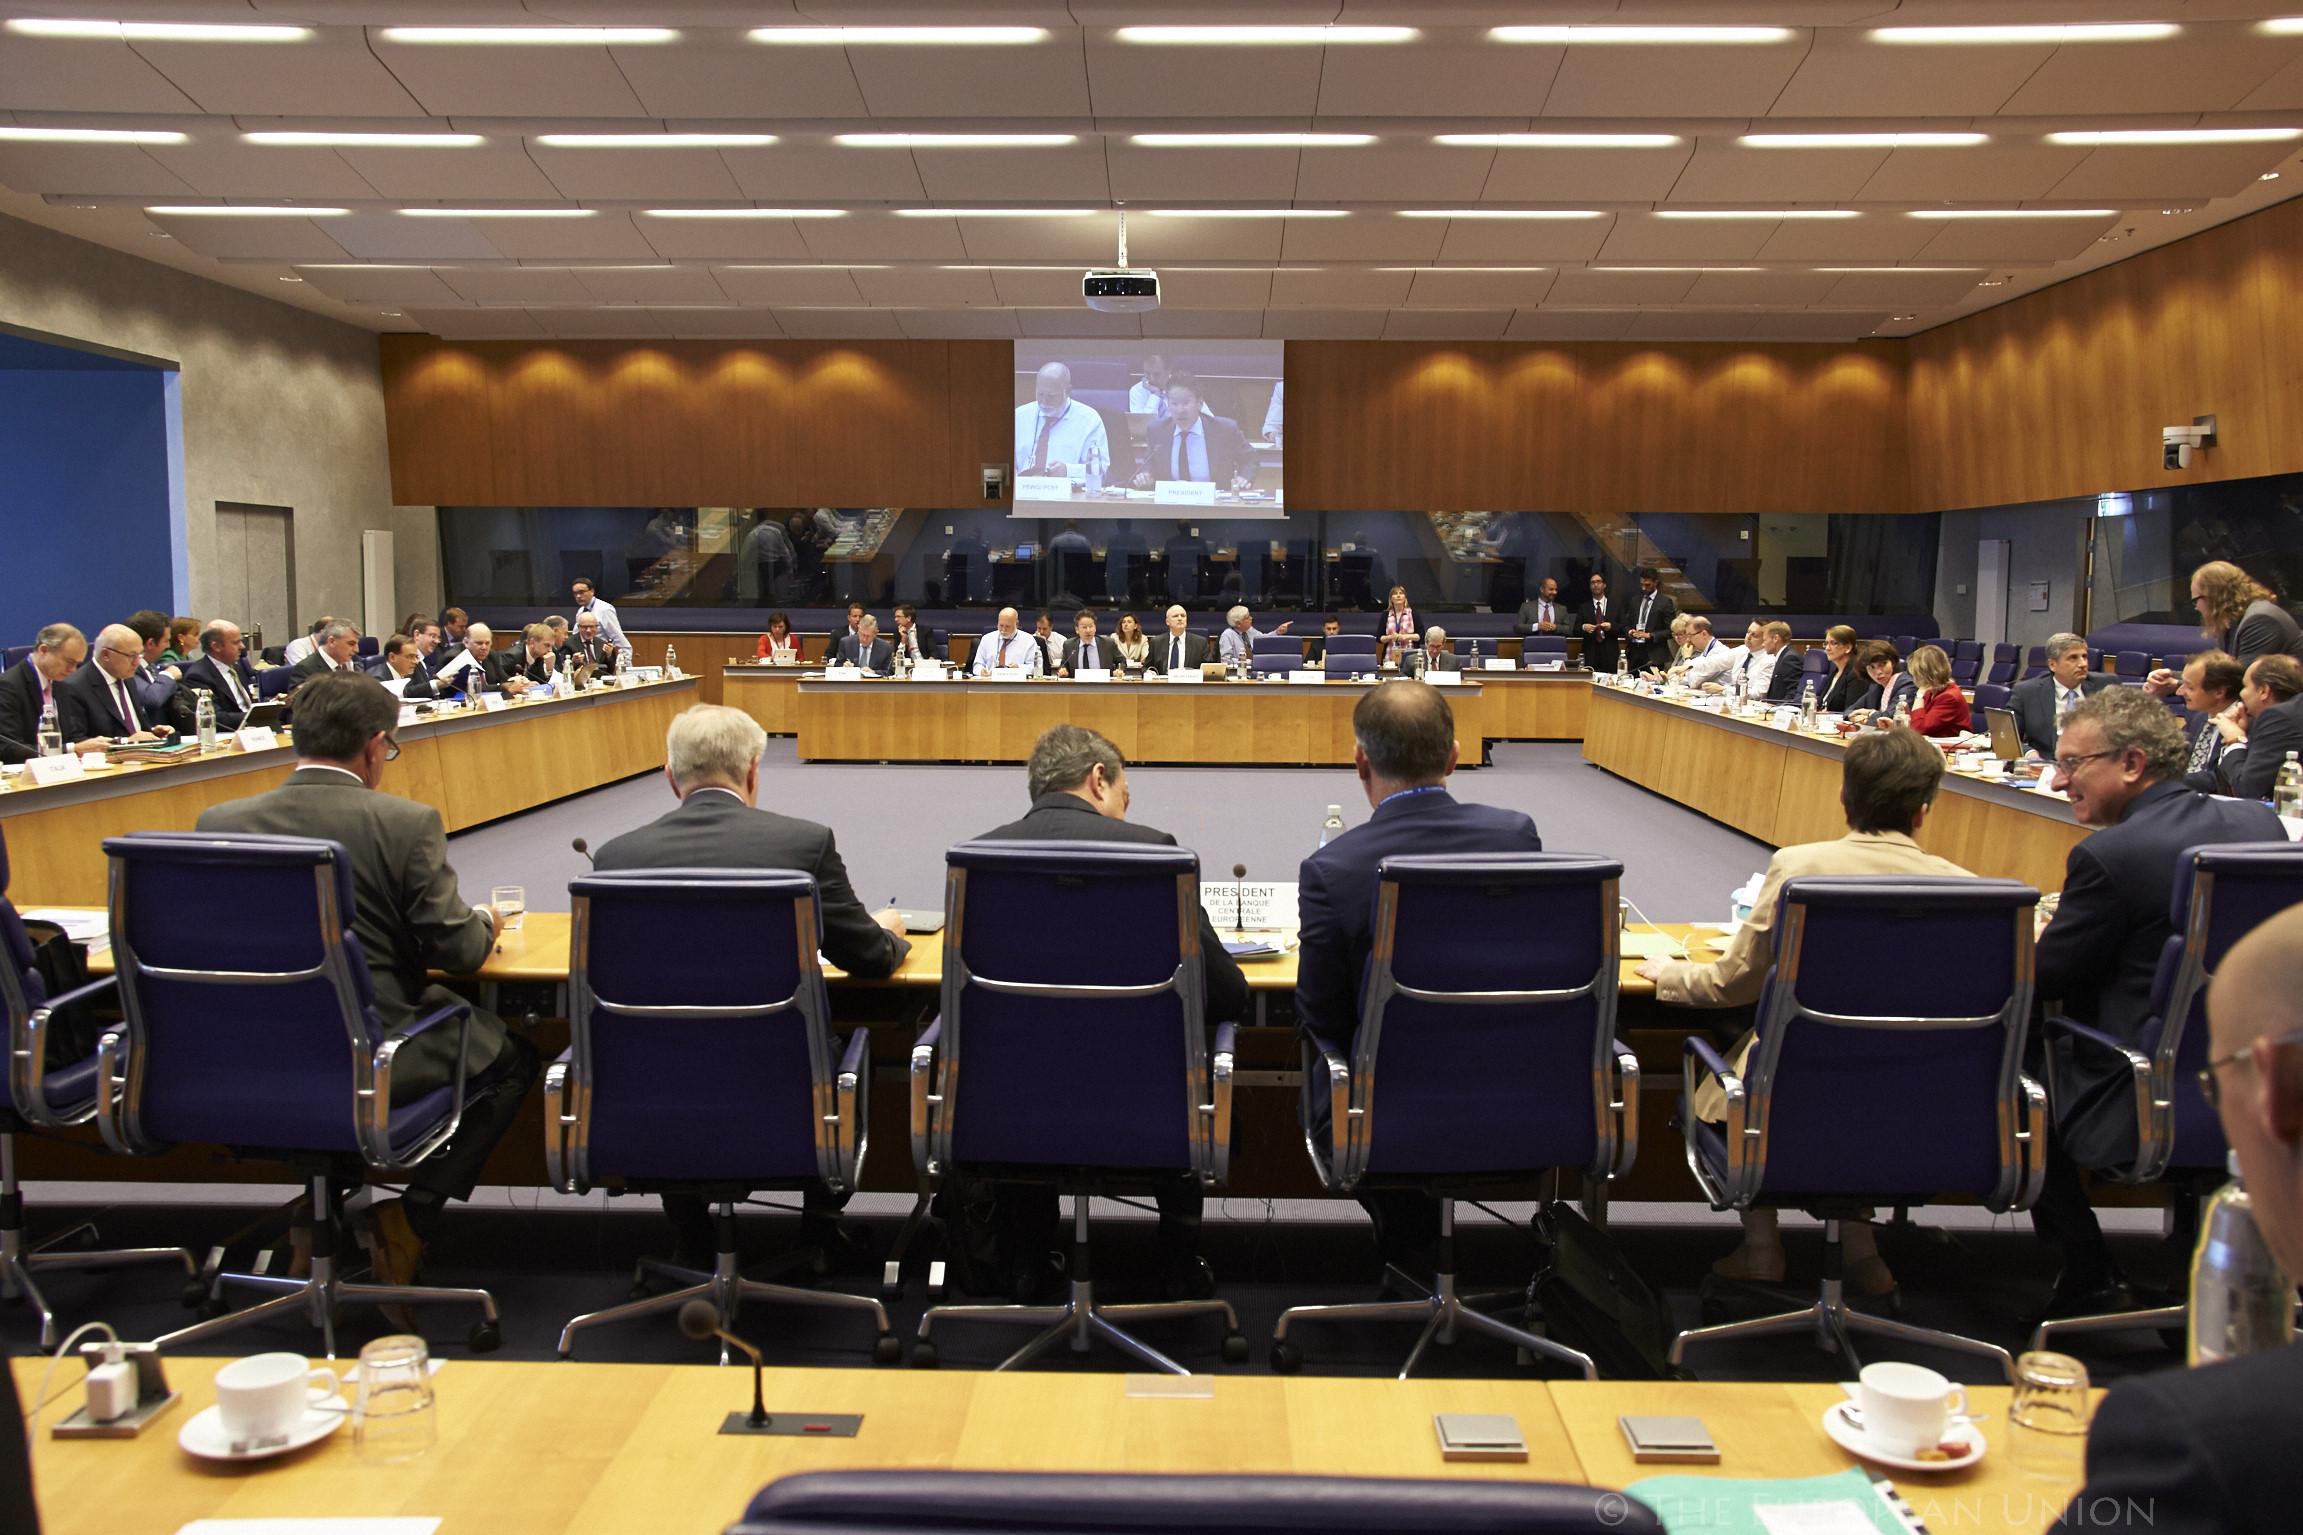 Τα ανθρώπινα δικαιώματα στο Συμβούλιο της Ευρώπης | tovima.gr